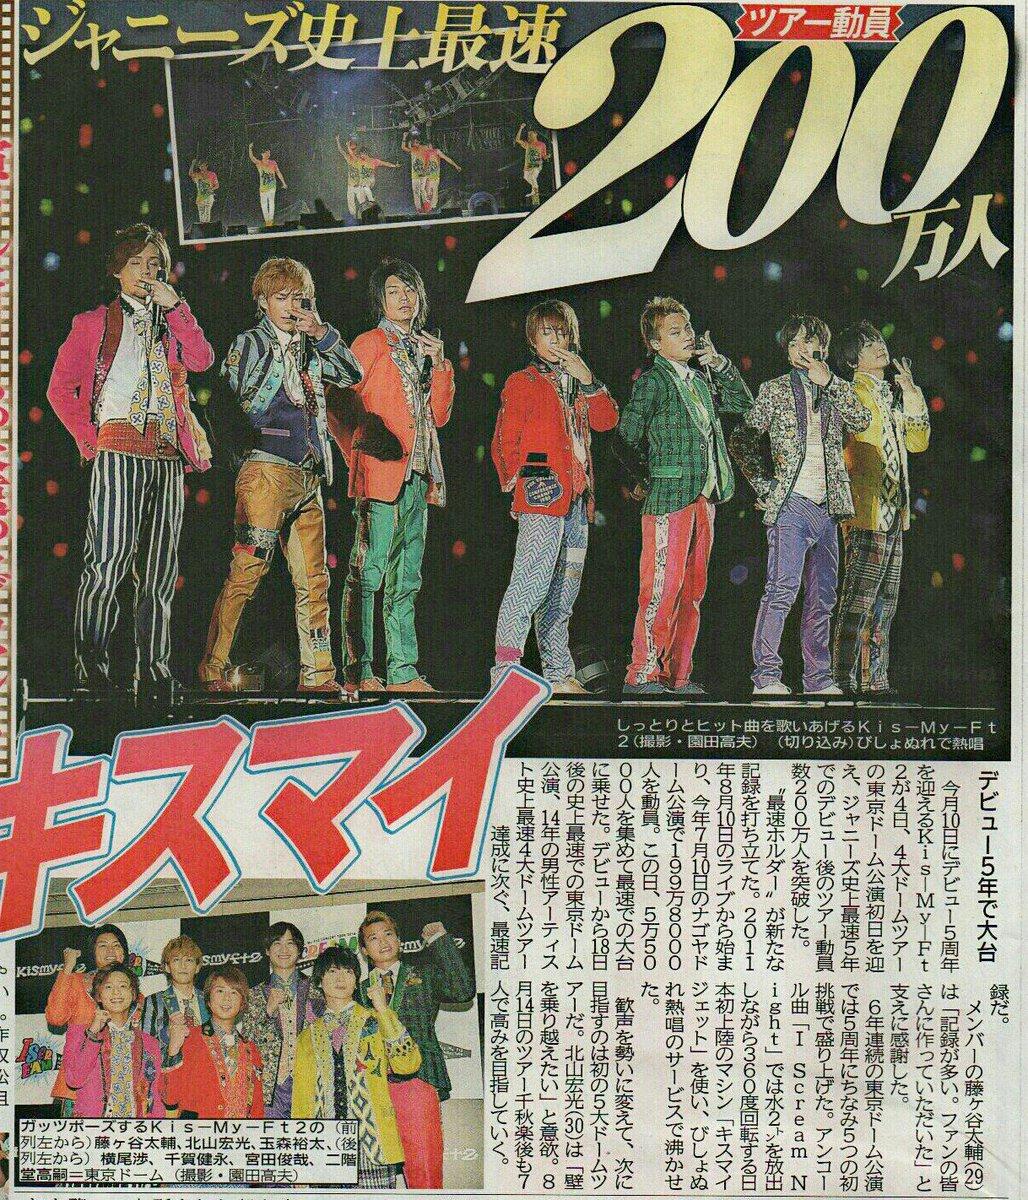 Kis-My-Ft2ジャニーズ史上最速ライブ動員200万人突破!  ▽北山宏光は「5大ドームがひとつ…